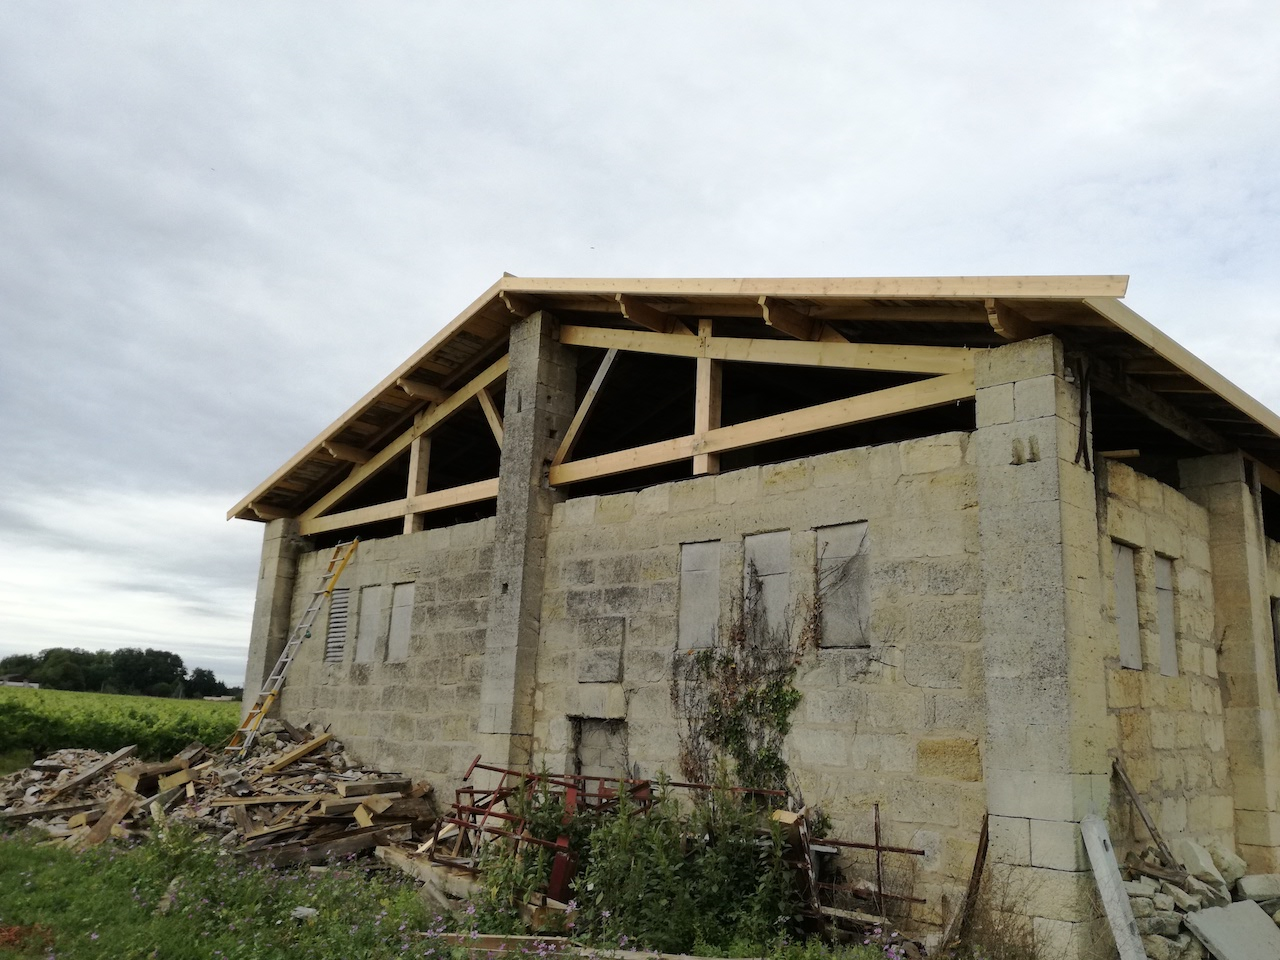 chateau-des-arras-hangar-travaux